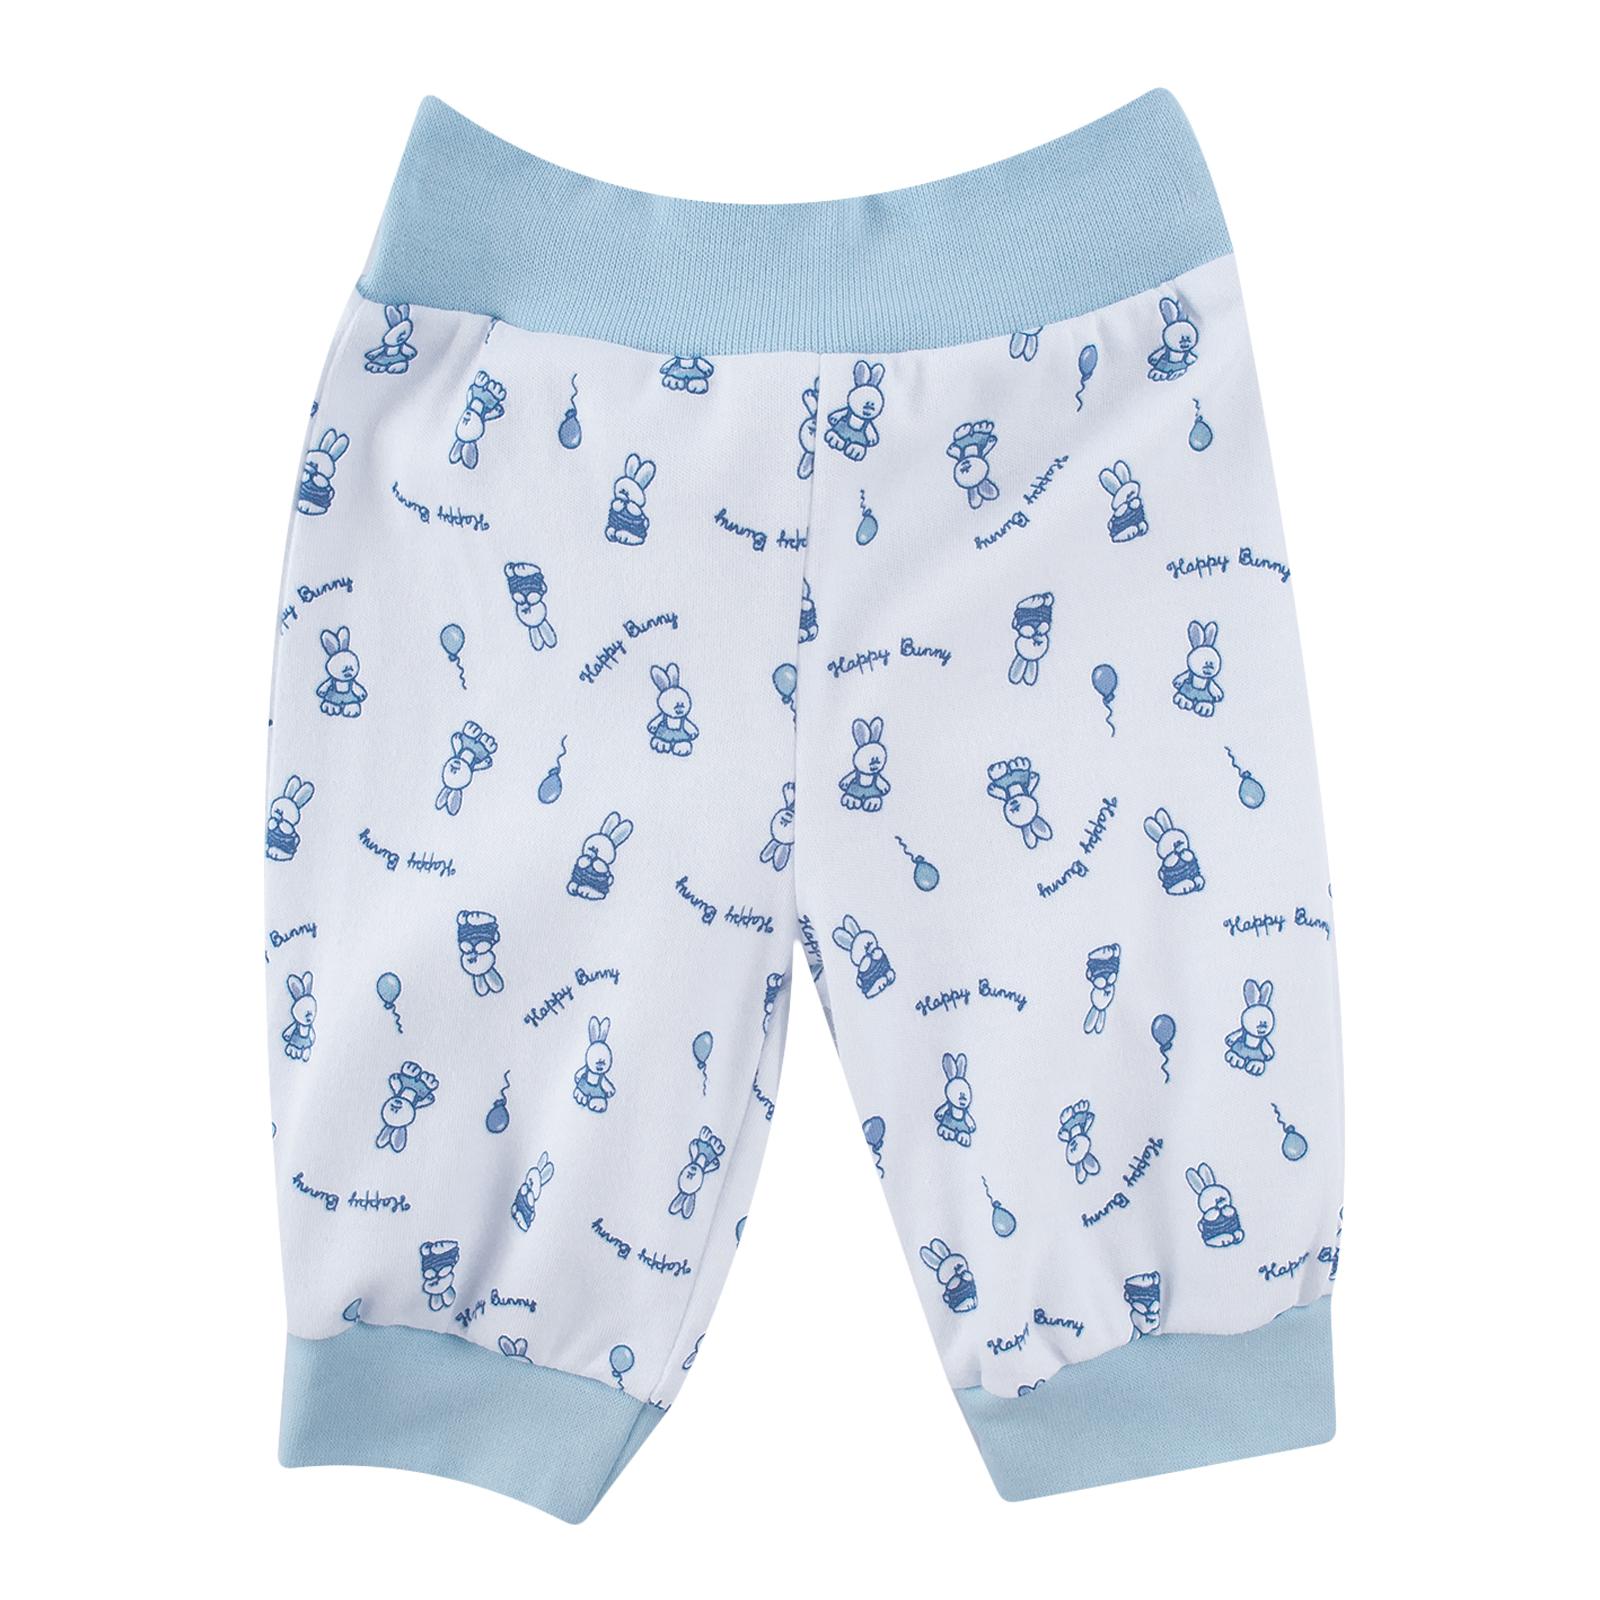 Штанишки КОТМАРКОТ для мальчика, цвет набивка голубой тон 9-12 мес (размер 80)<br>